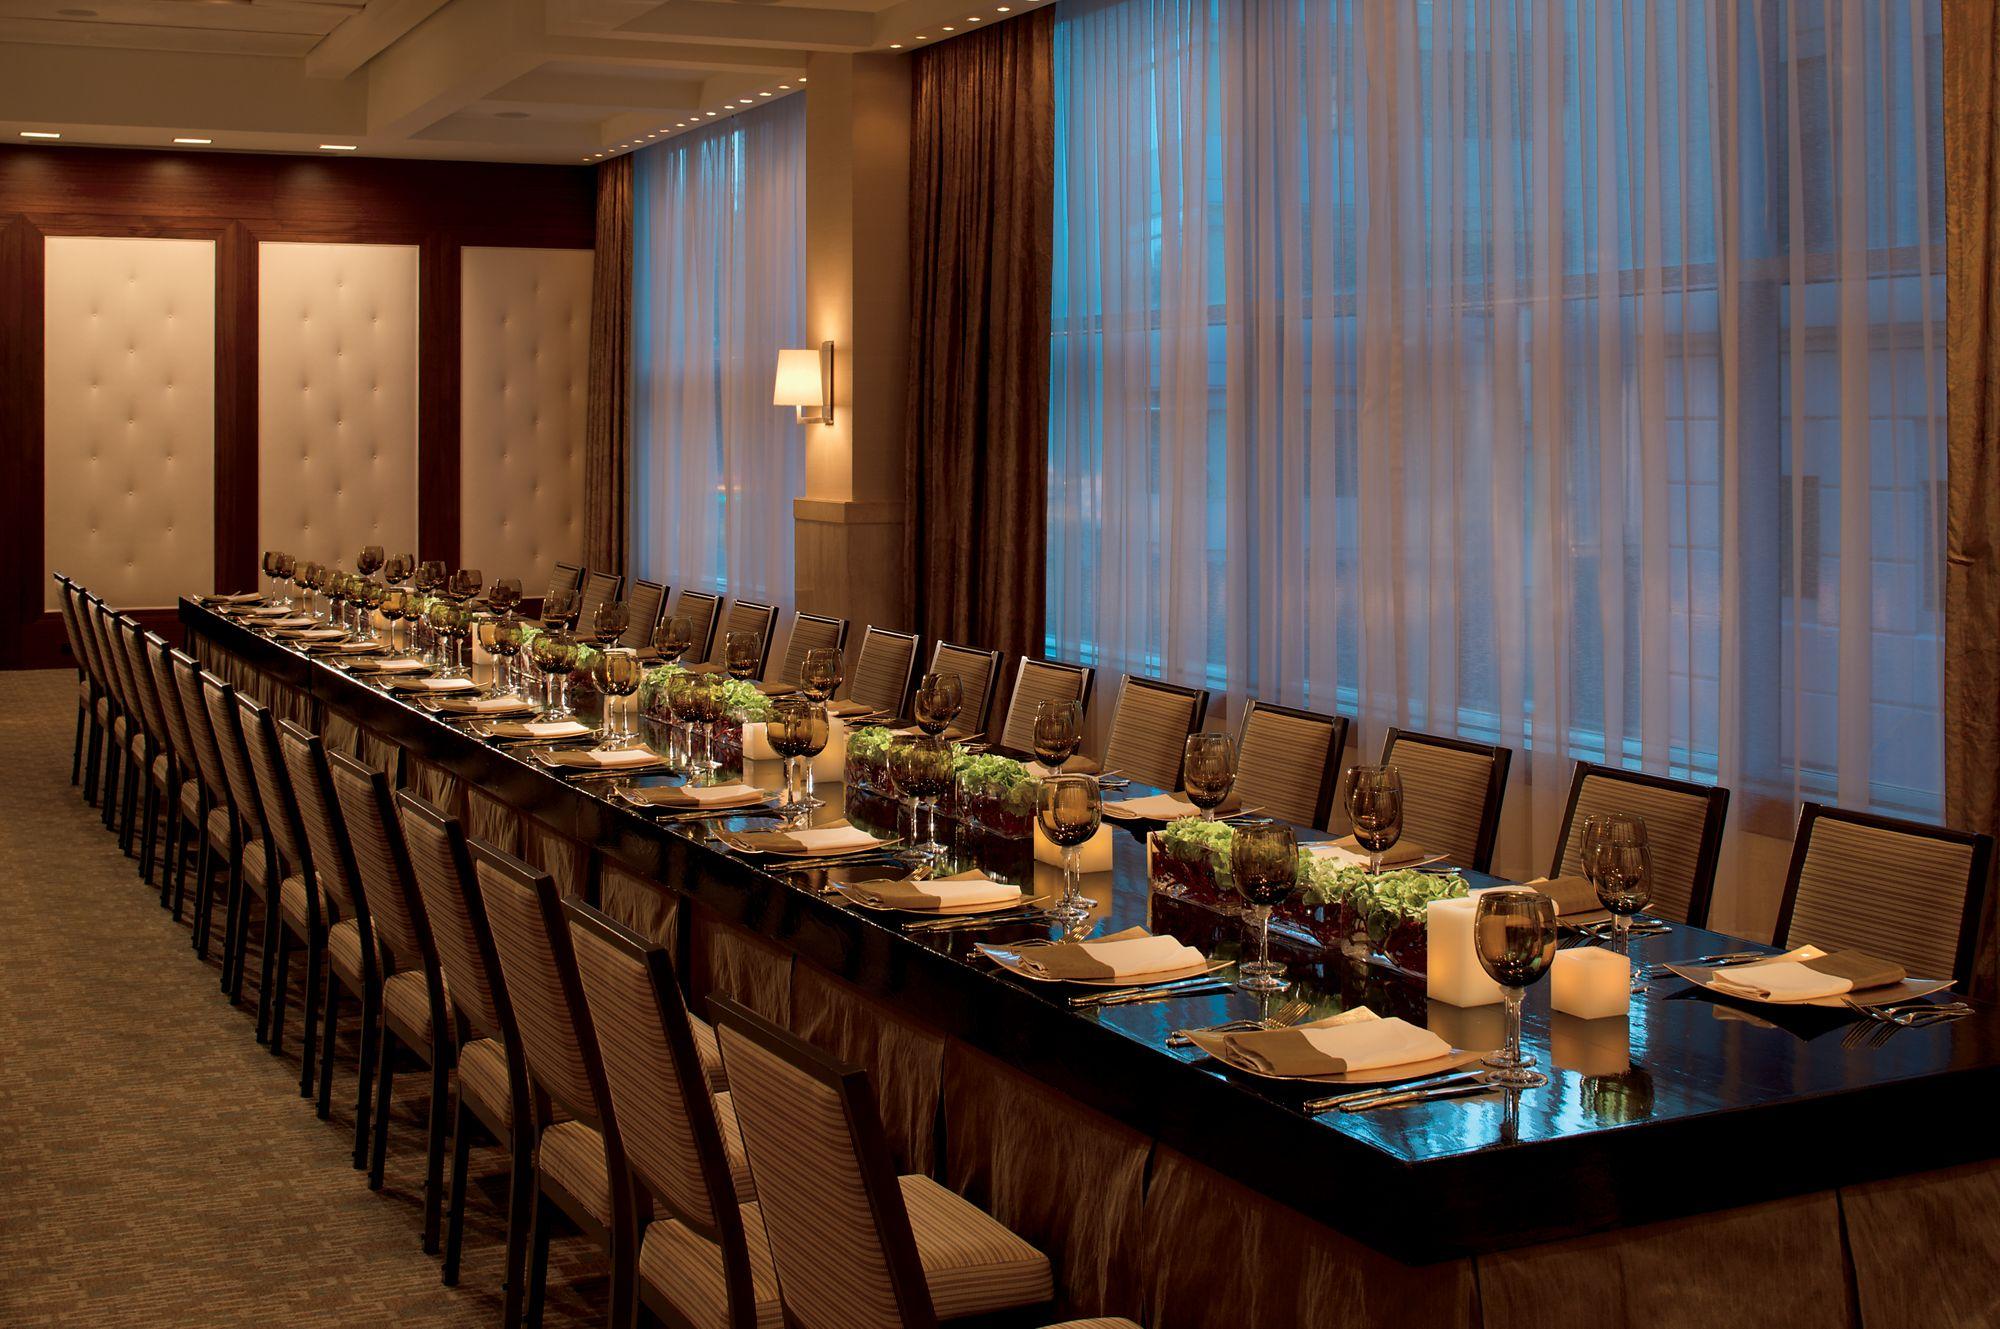 The Ritz-Carlton, Boston image 9